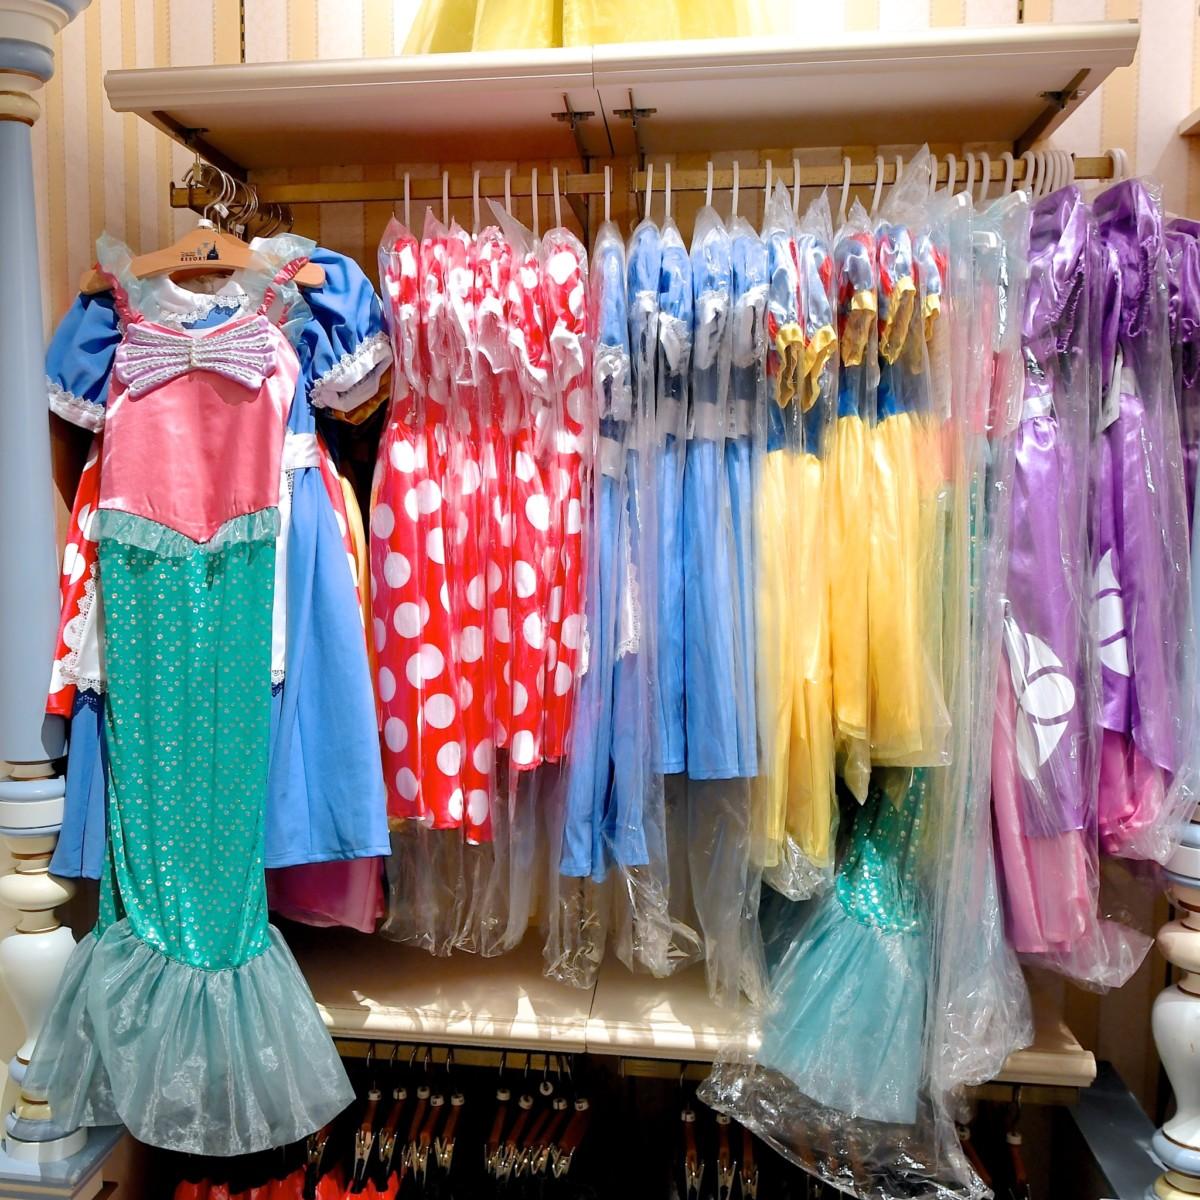 88fc6a7b608b6 東京ディズニーランド キッズ用ドレス. 東京ディズニーランド プリンセス・ガールズドレス. 販売店舗 ...